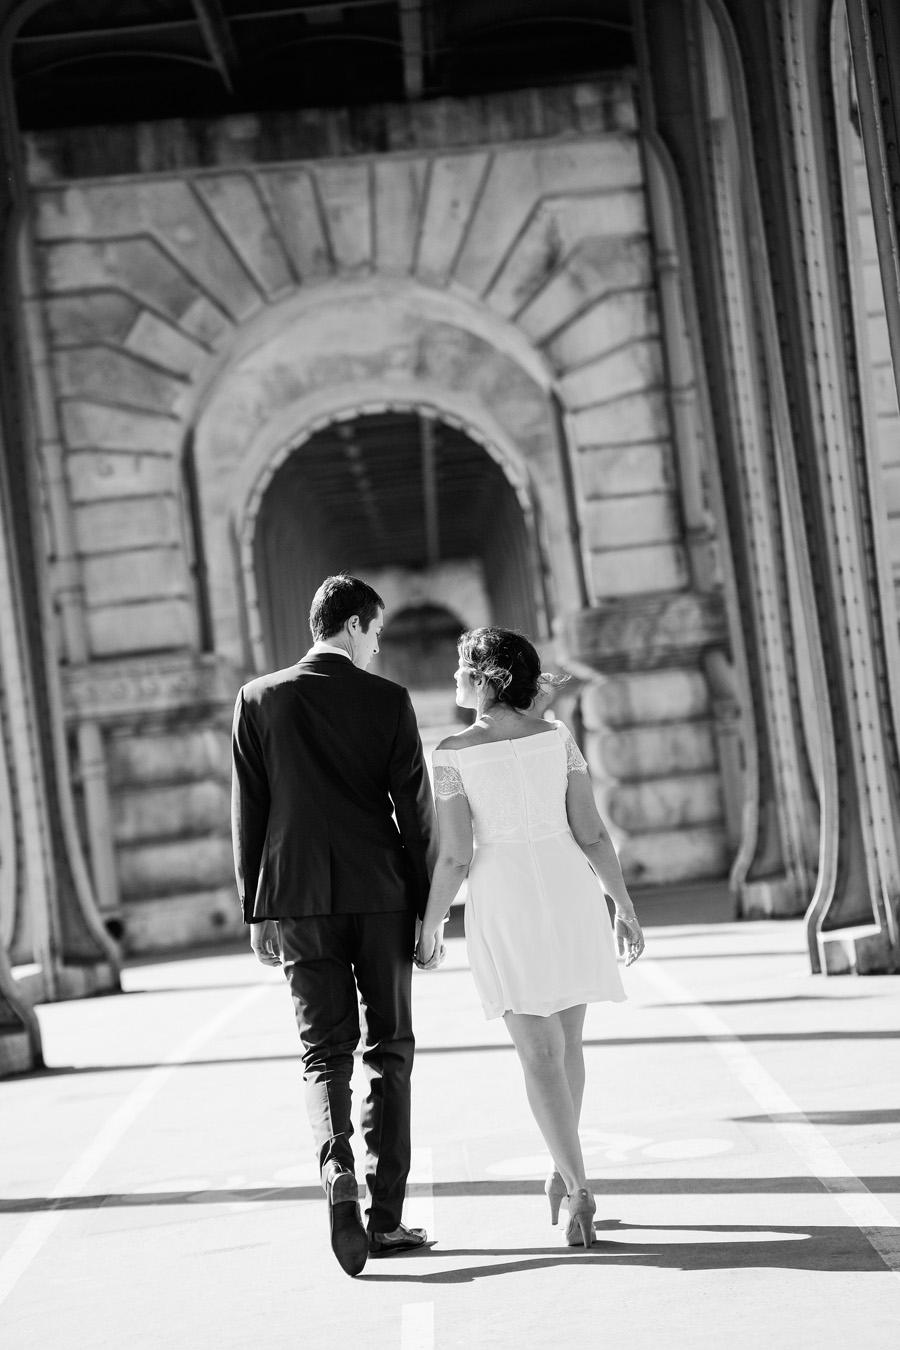 mariage_civil_af_paris_75_photographe_clemence_dubois-nb-030